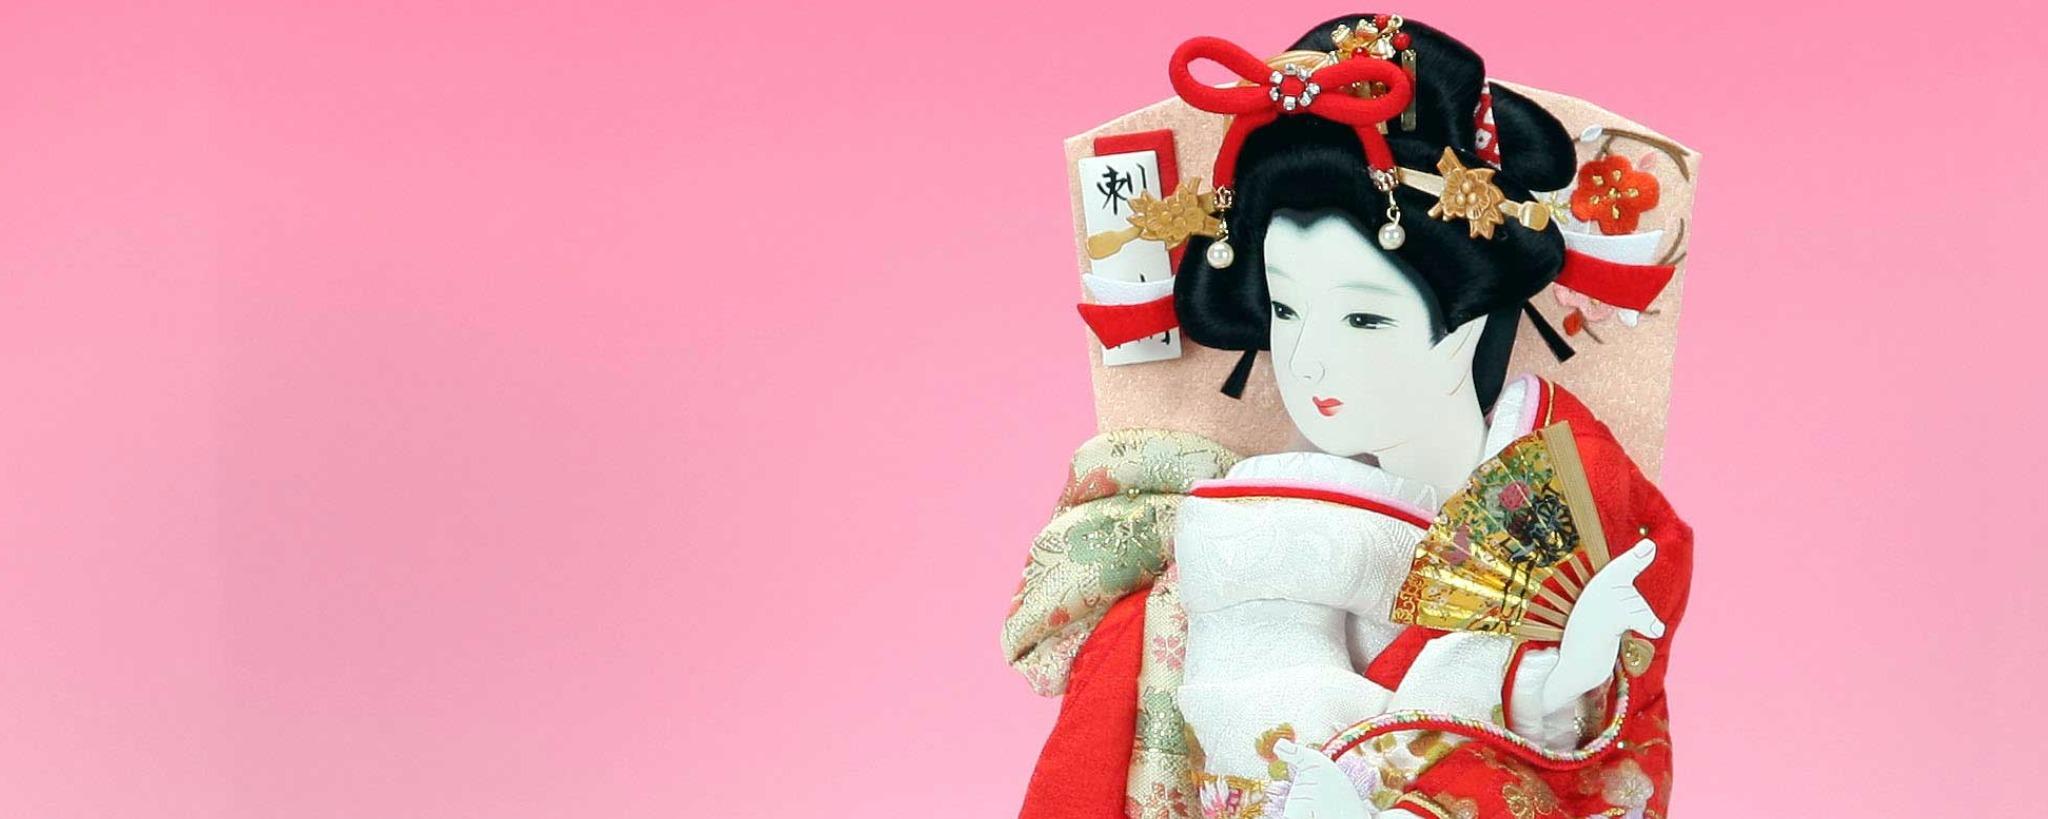 ひな人形・五月人形 名古屋市 はしもと人形